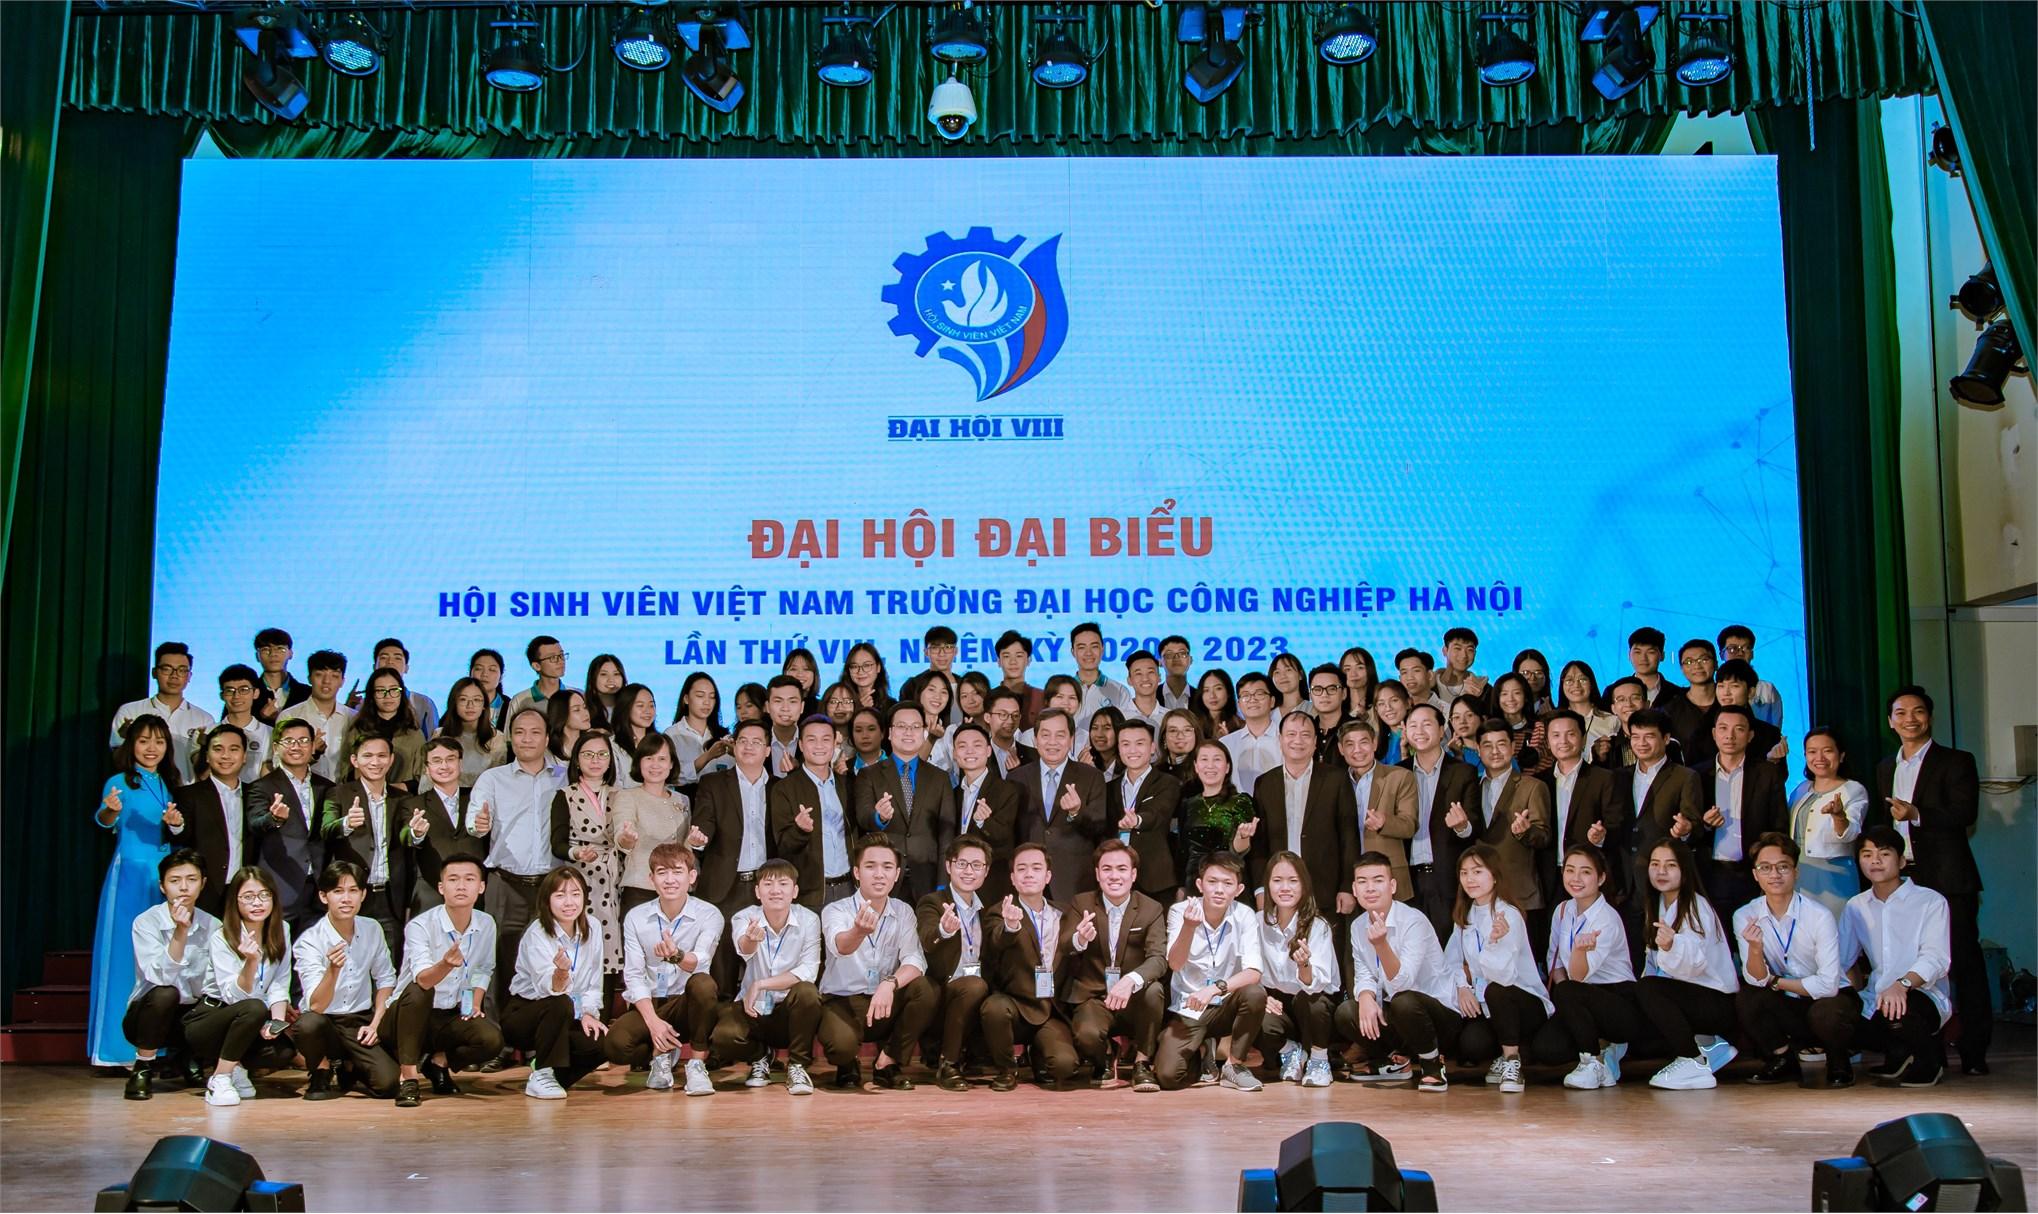 Đại hội Đại biểu Hội sinh viên Việt Nam trường Đại học Công nghiệp Hà Nội lần thứ VIII, nhiệm kỳ 2020 - 2023